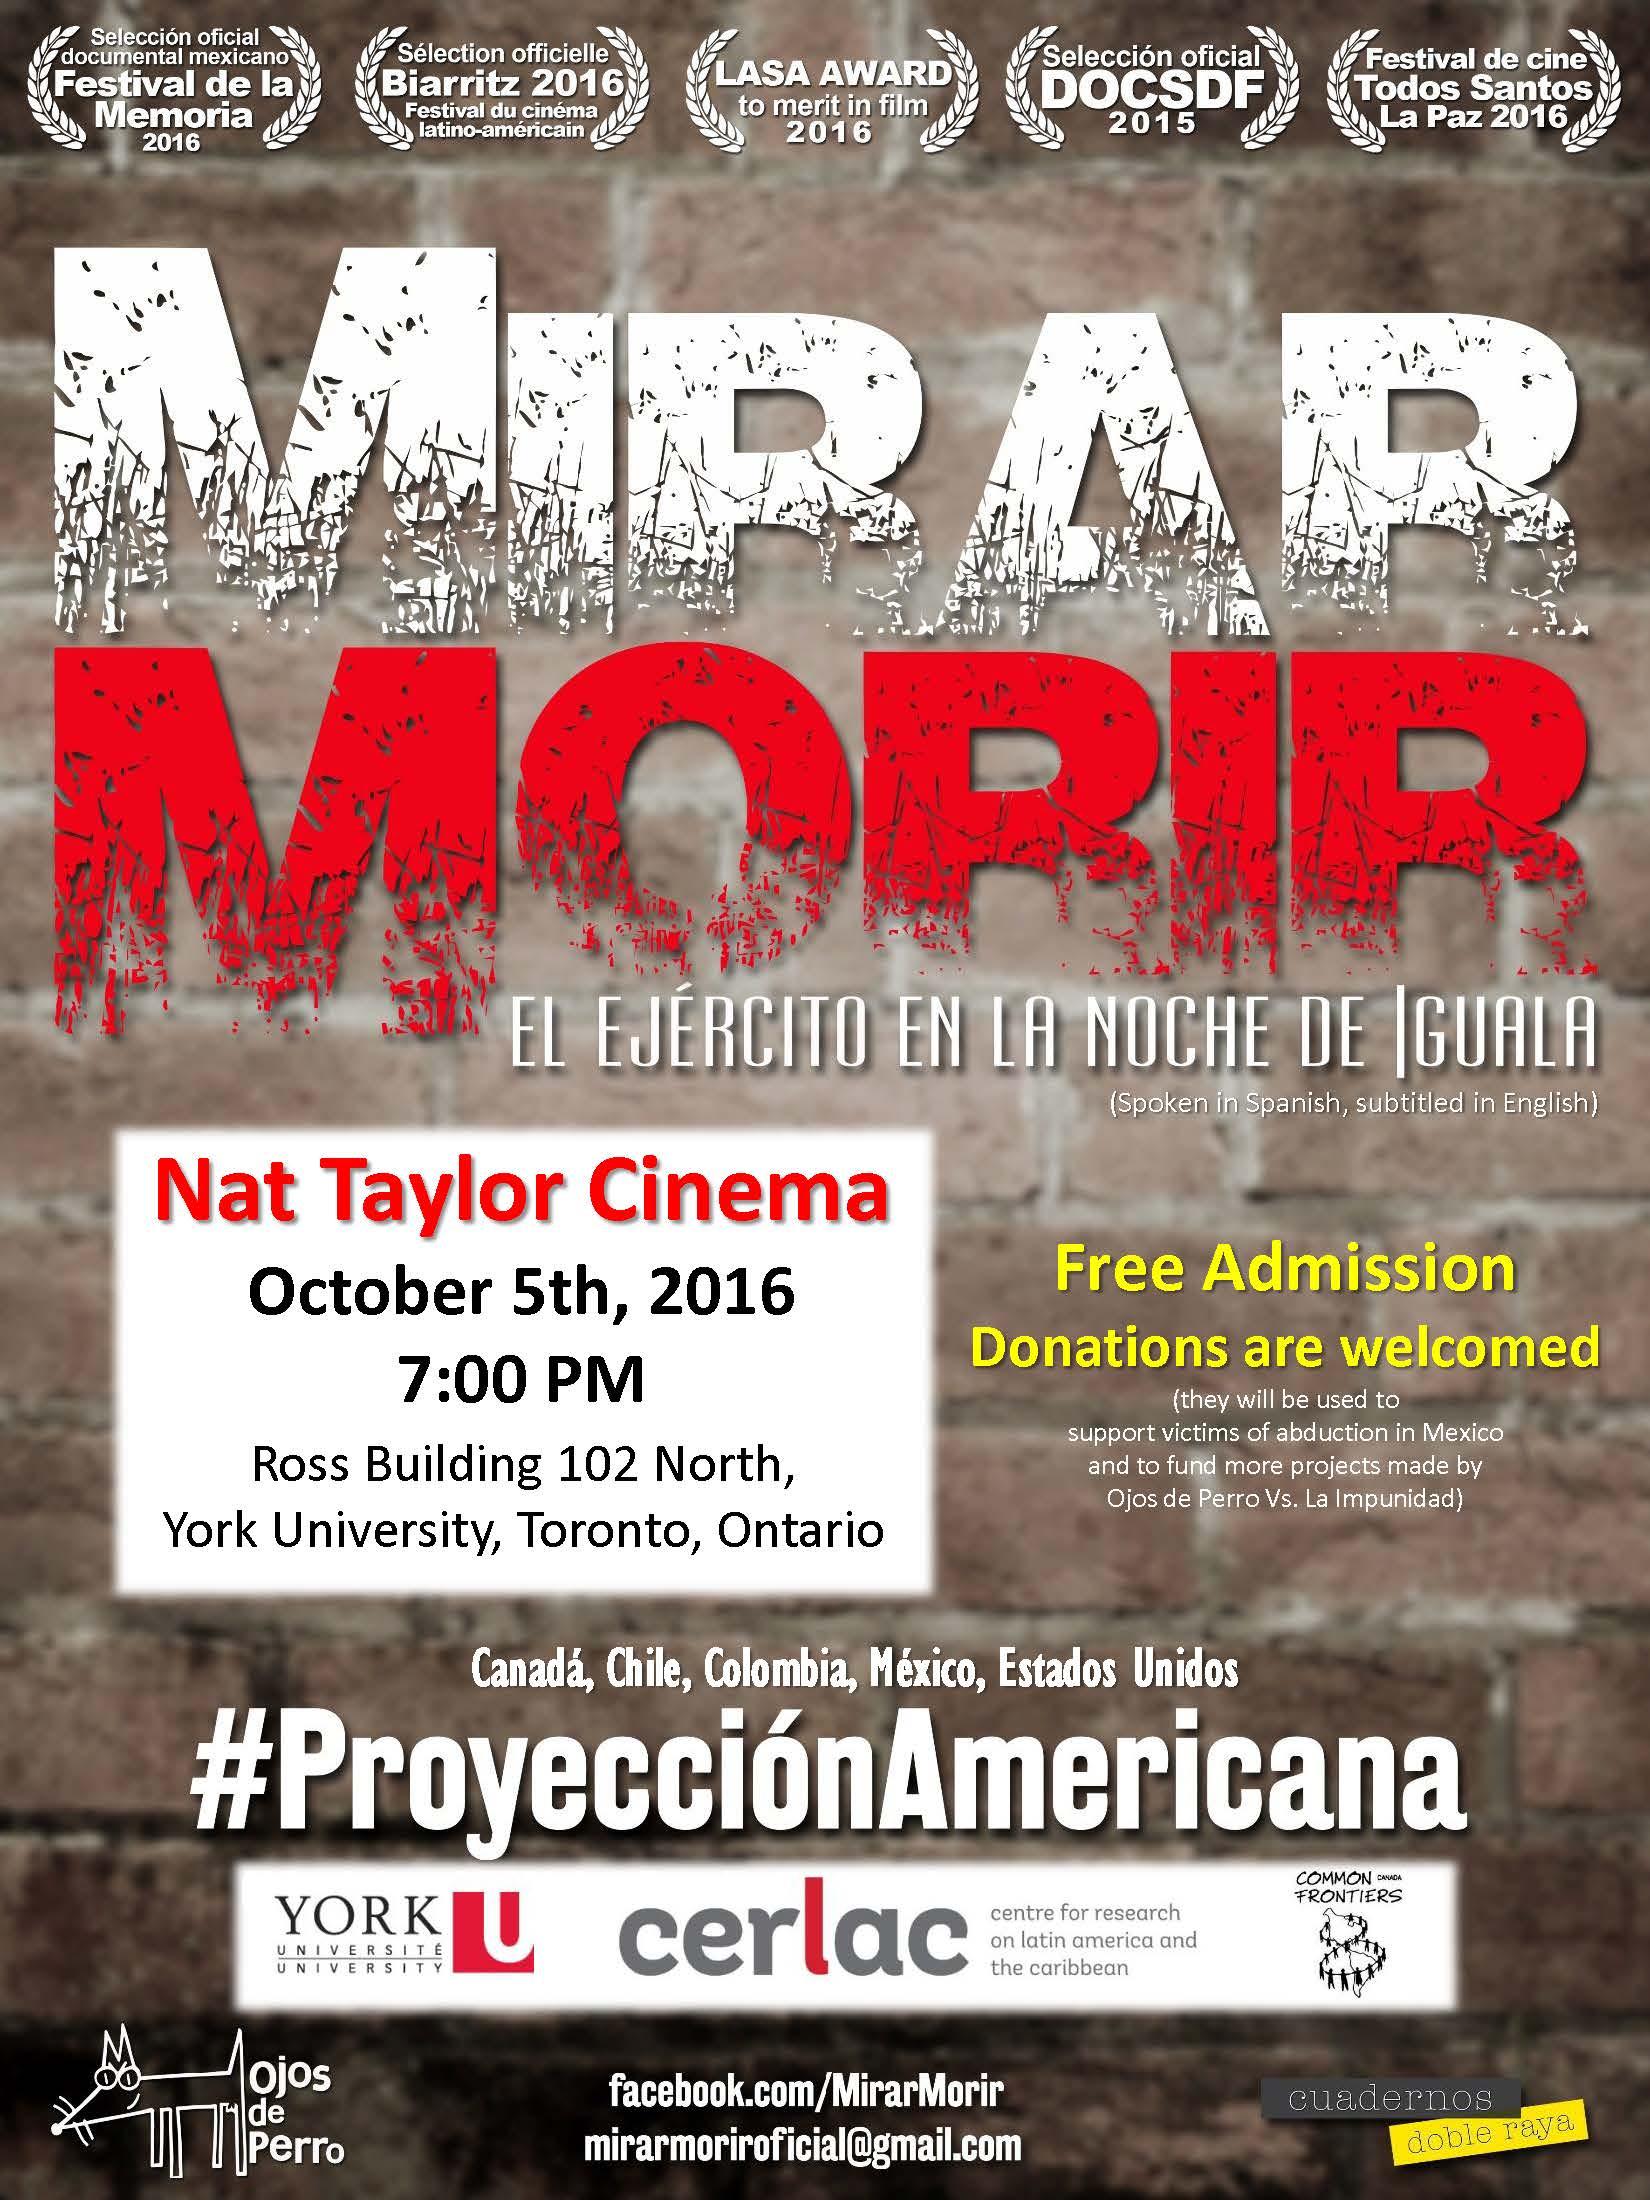 Mirar Morir. El Ejercito en la noche de Iguala. @ Nat Taylor Cinema (Ross Building 102 N) | Toronto | Ontario | Canada